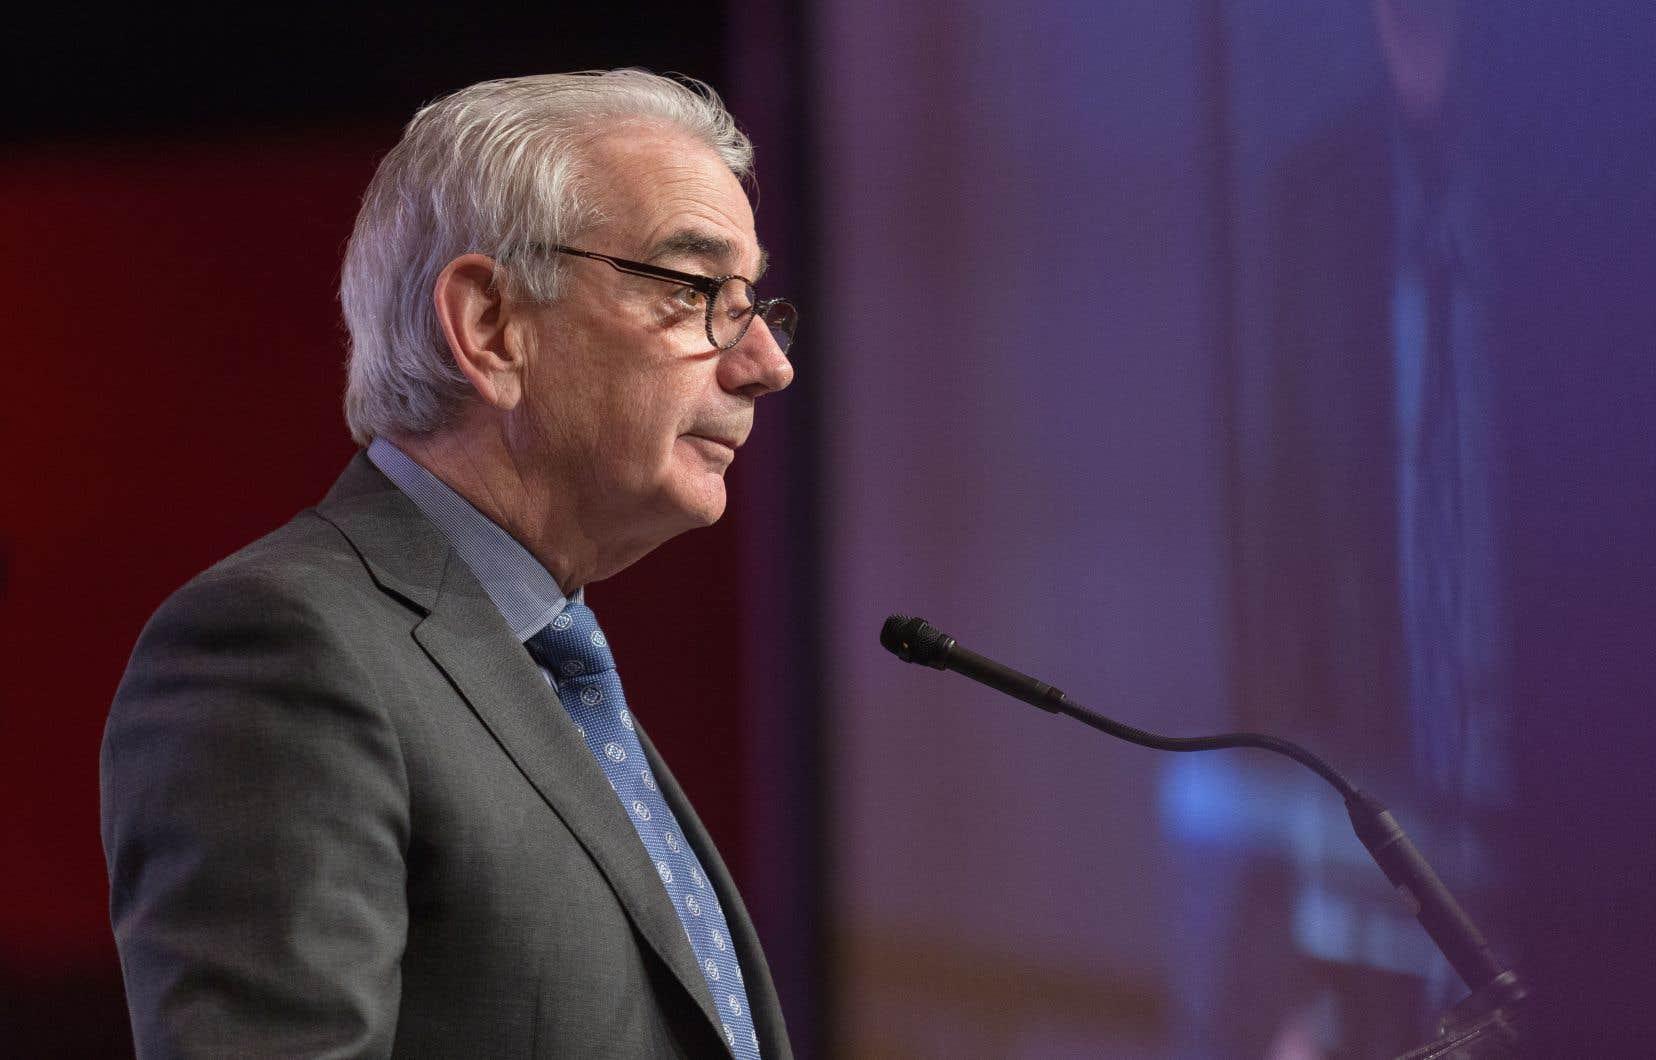 Le commissaire Robert Lafrenière prétend avoir suspendu l'enquête sur les fuites dans les médias après avoir reçu une correspondance de l'Assemblée nationale qui faisait état de l'immunité parlementaire.